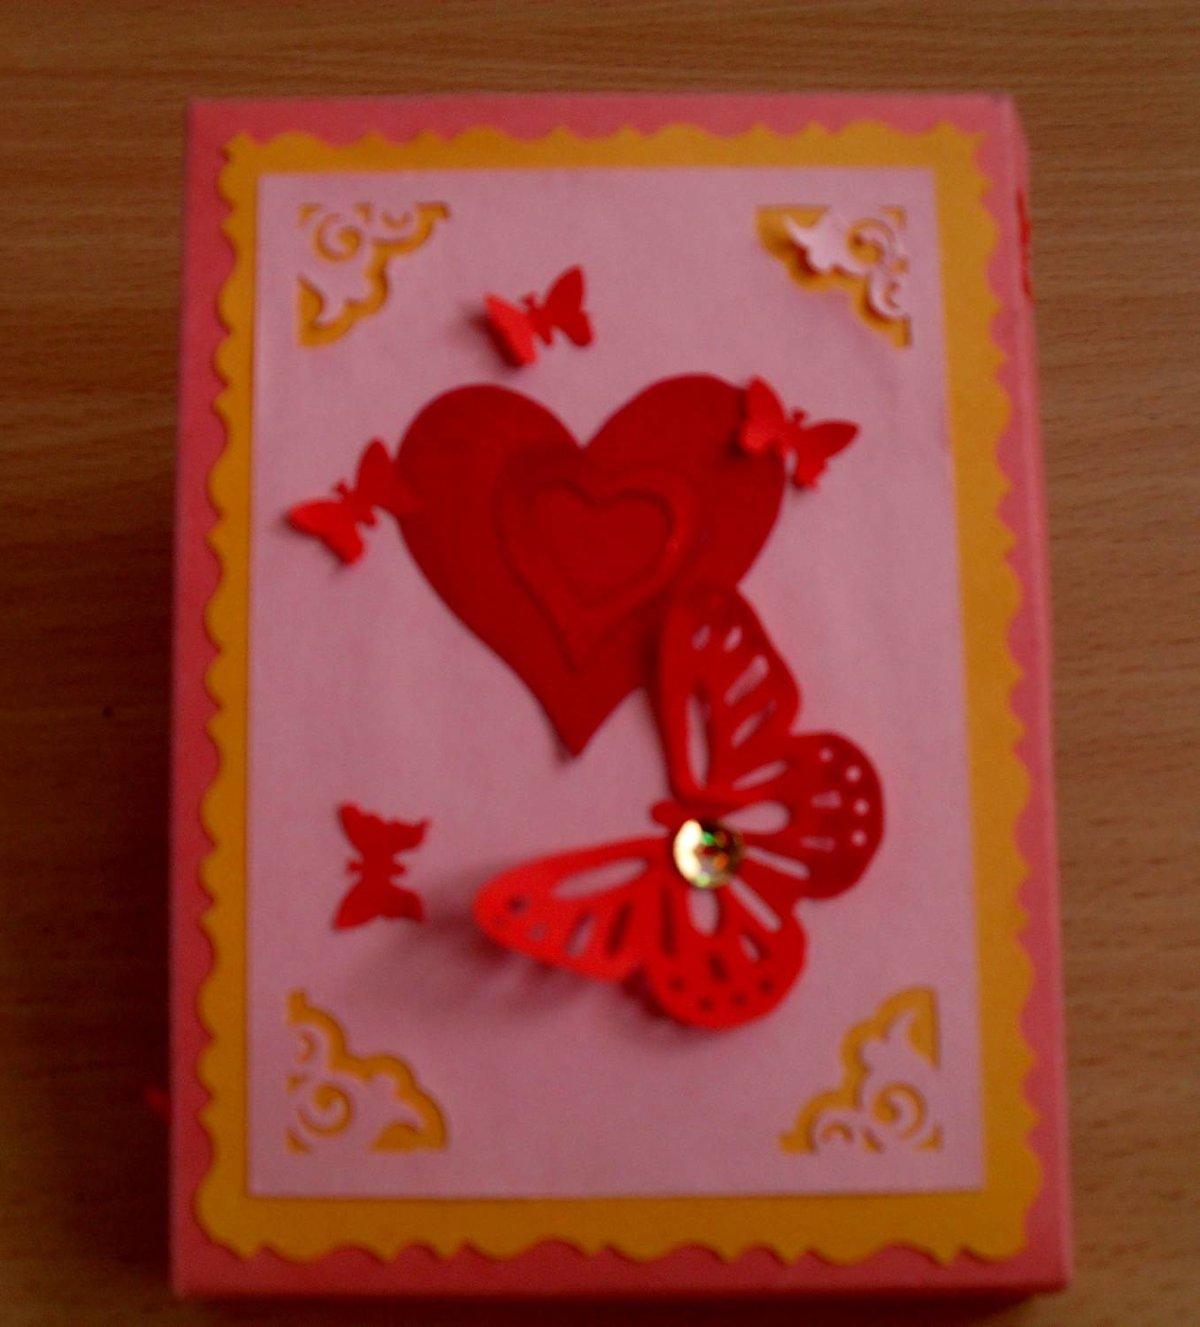 Сделать своими руками открытку на день валентина своими руками